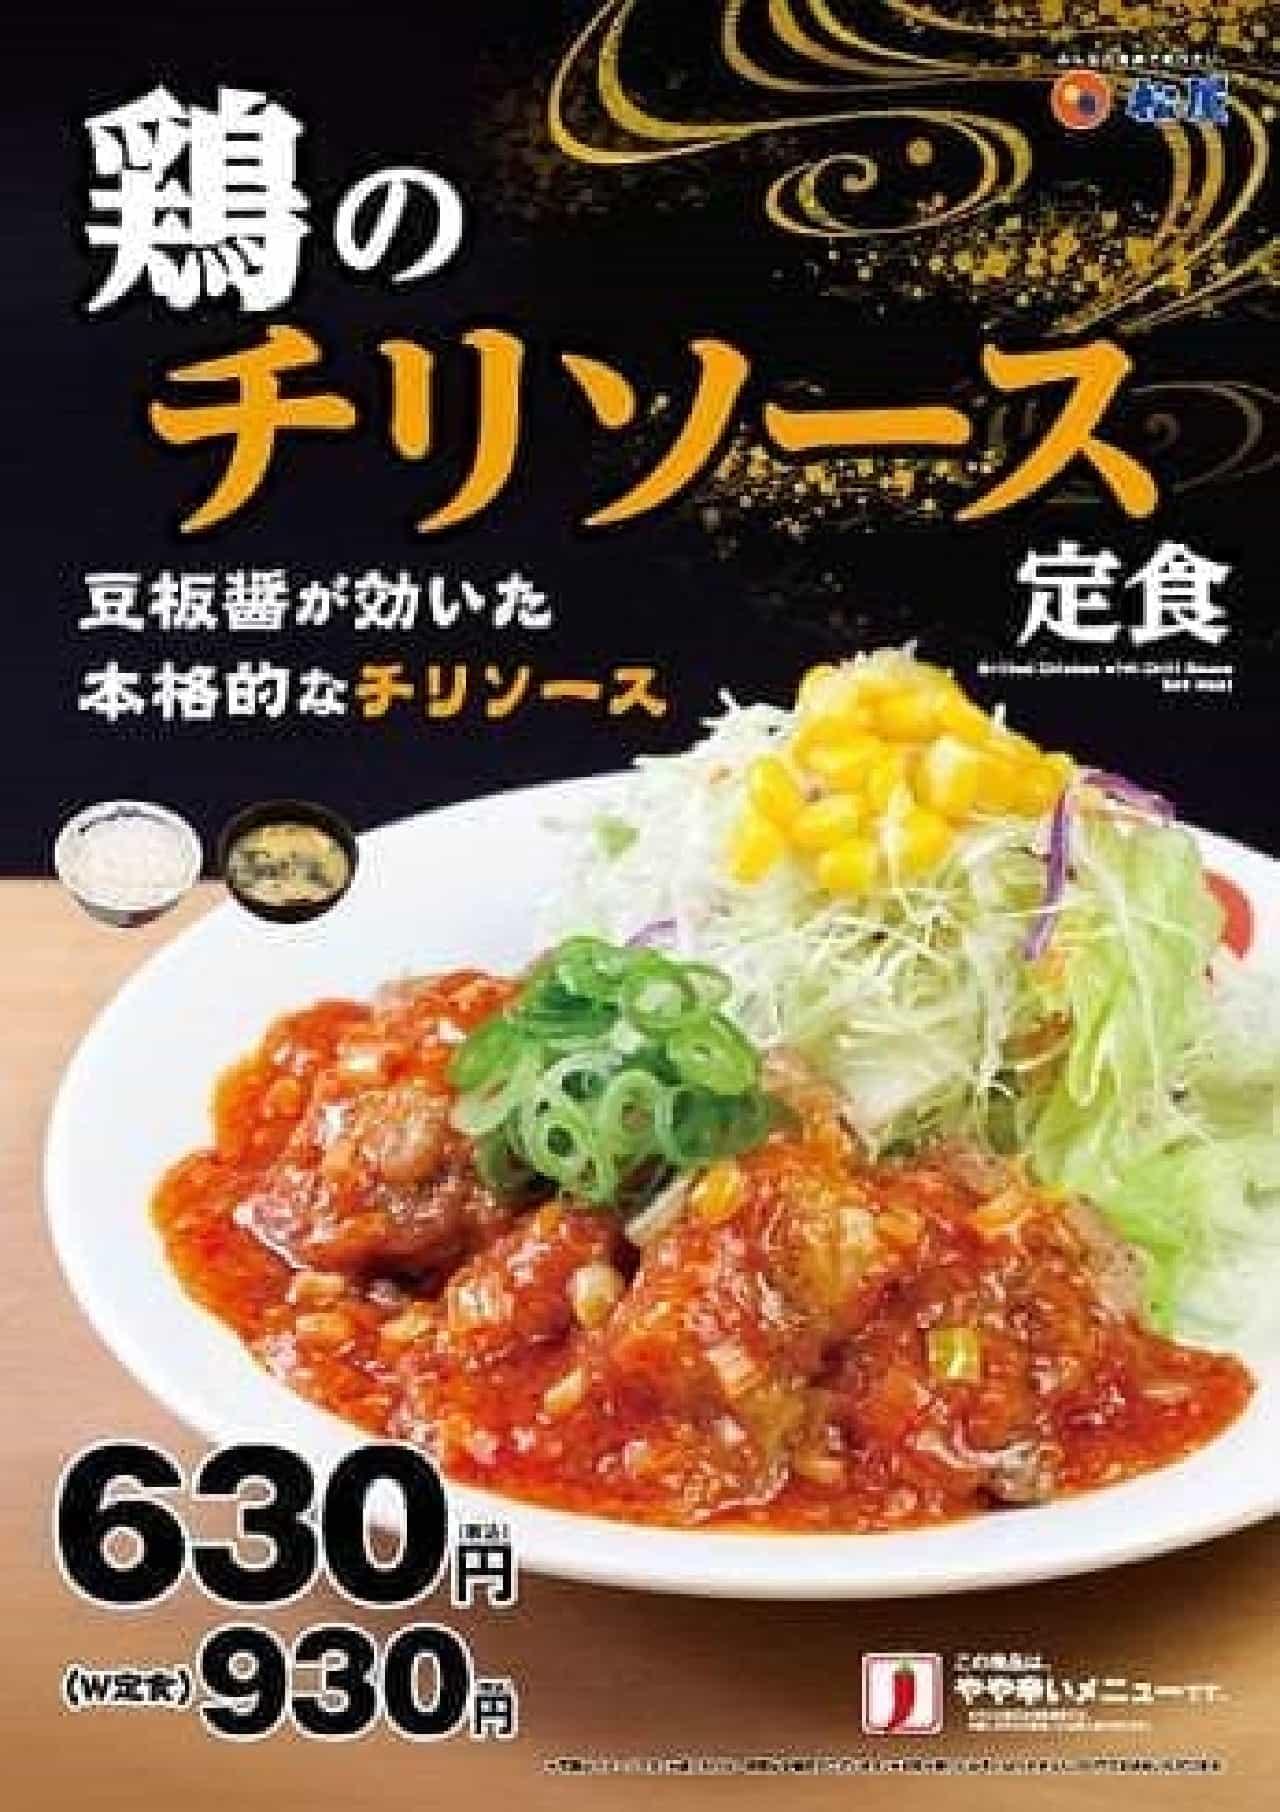 松屋に「鶏のチリソース定食」!